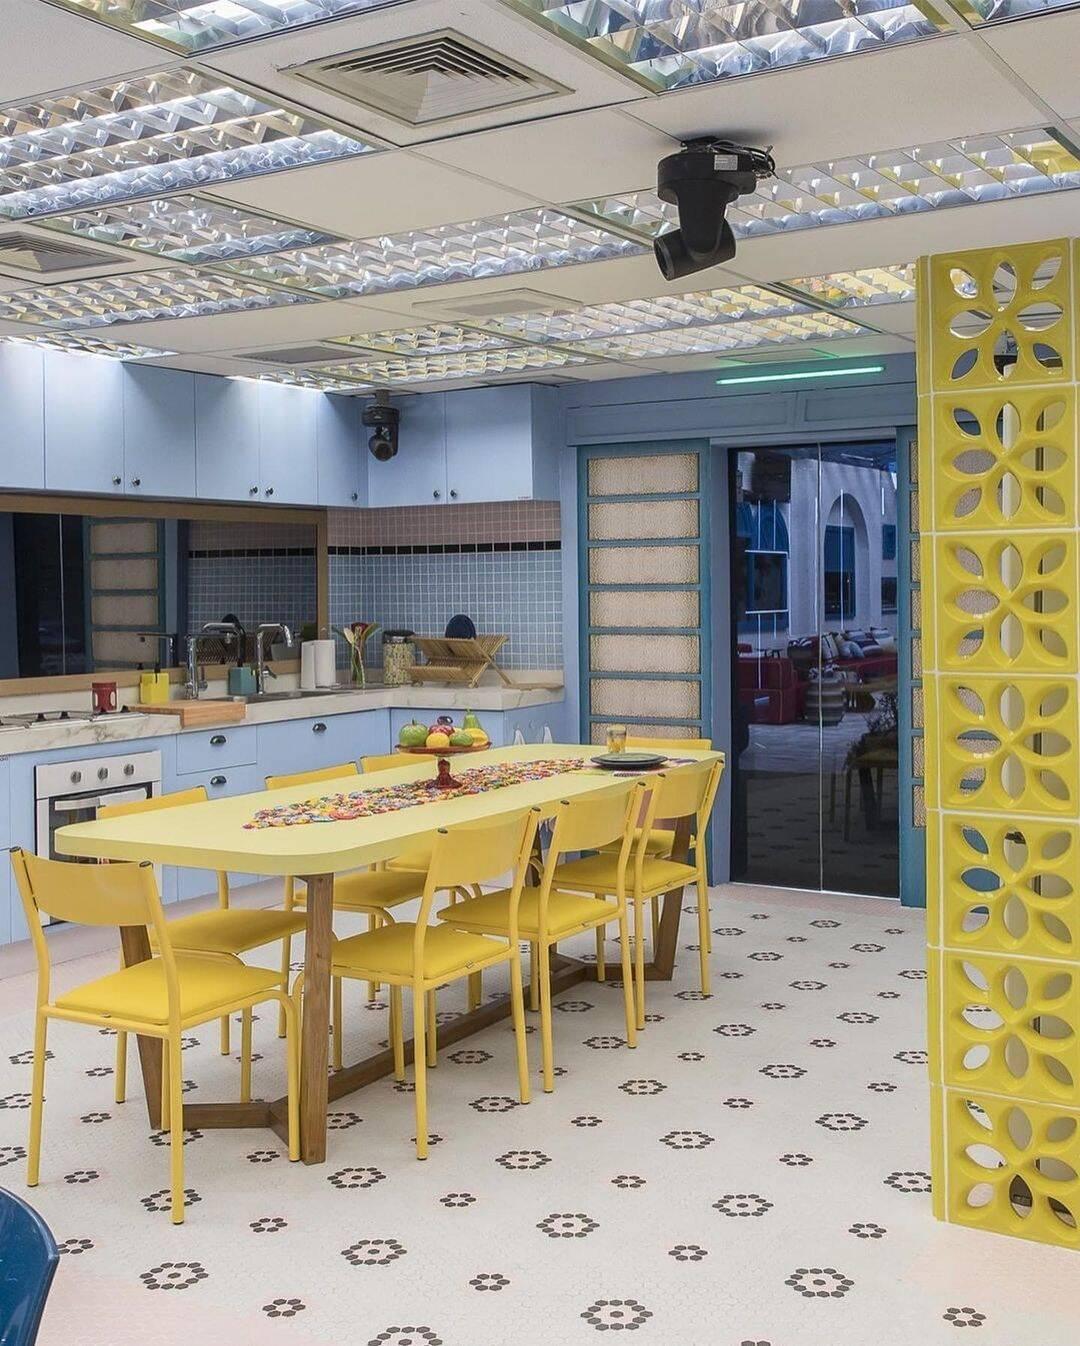 Κουζίνα Xepa (Φωτογραφία: Instagram / redeglobo)